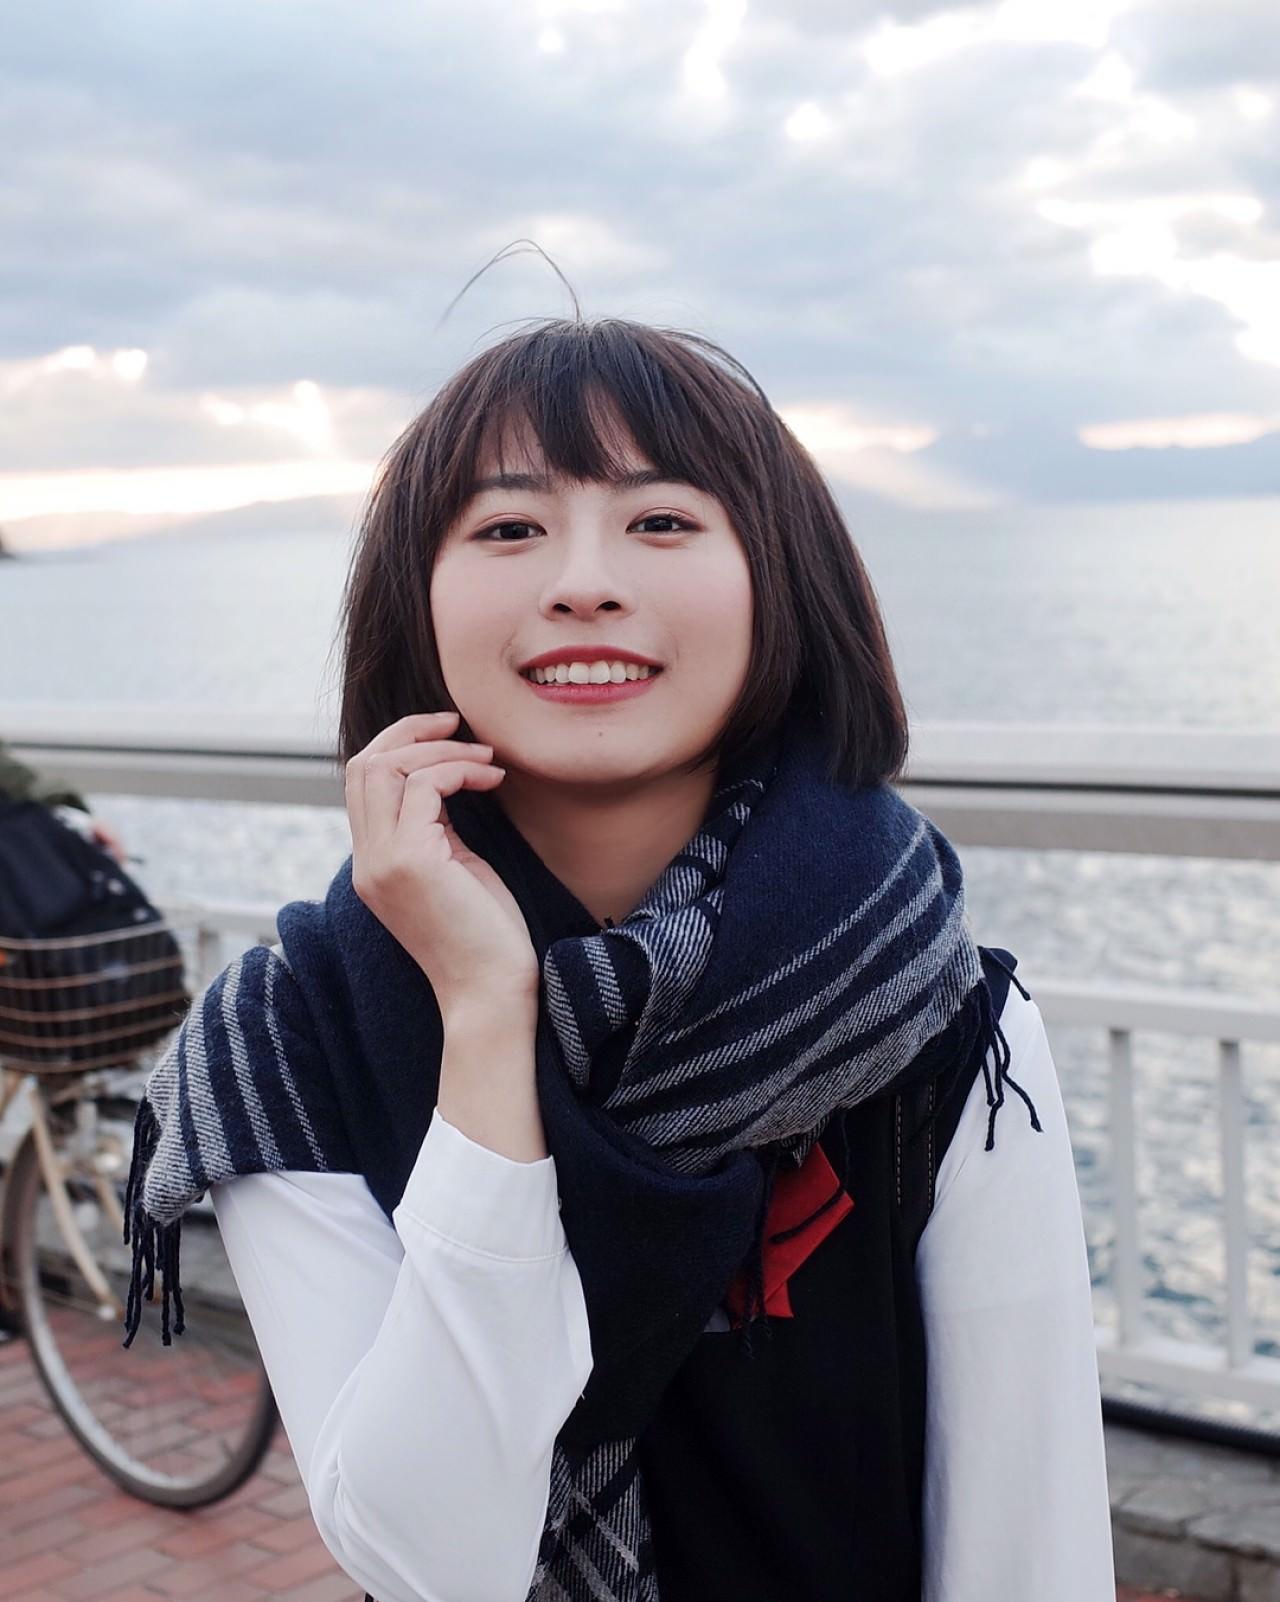 龍夢柔 上海女大學生龍夢柔(左)的造型打扮激似日本藝人新垣結衣。(左圖:龍夢柔IG;右圖:網上圖片)